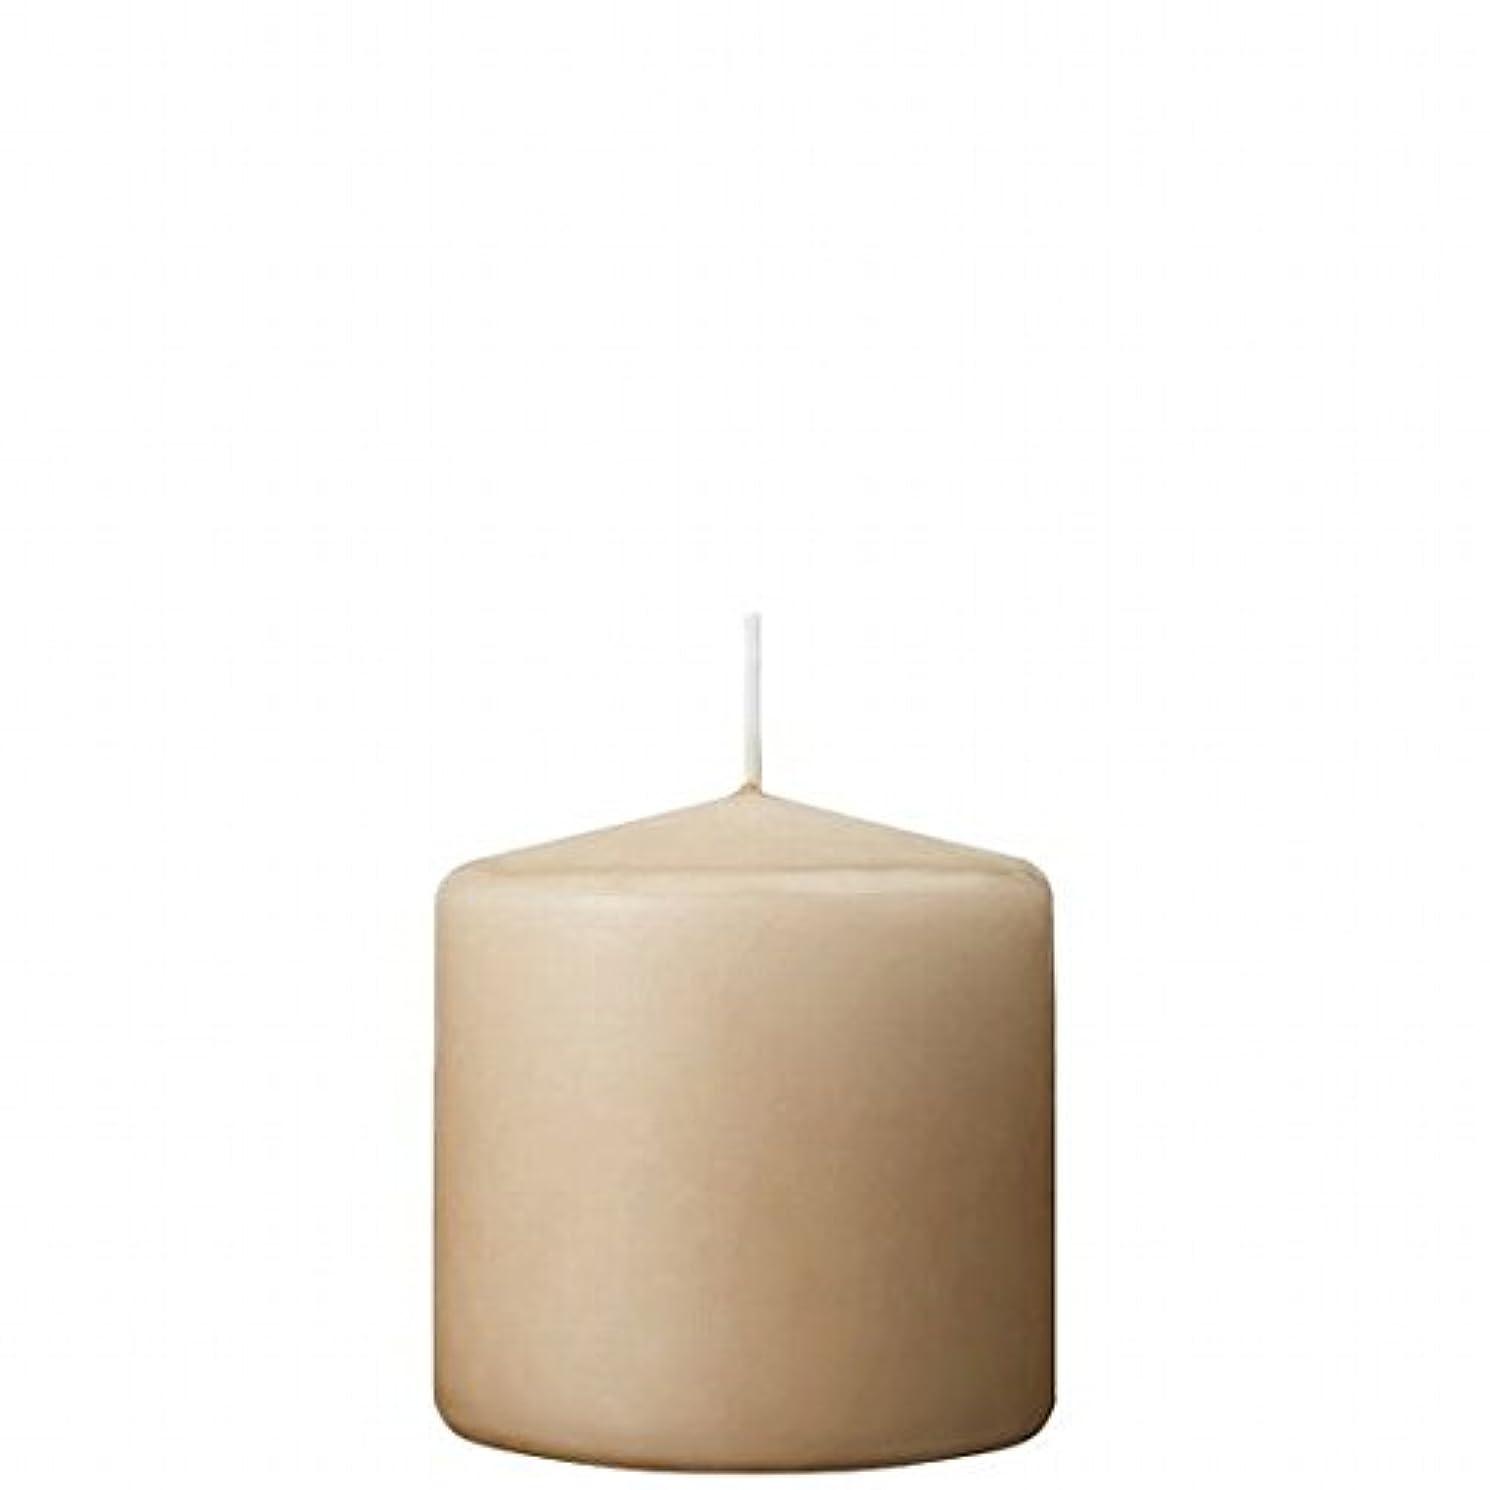 療法危険幸運なことにカメヤマキャンドル( kameyama candle ) 3×3ベルトップピラーキャンドル 「 ベージュ 」